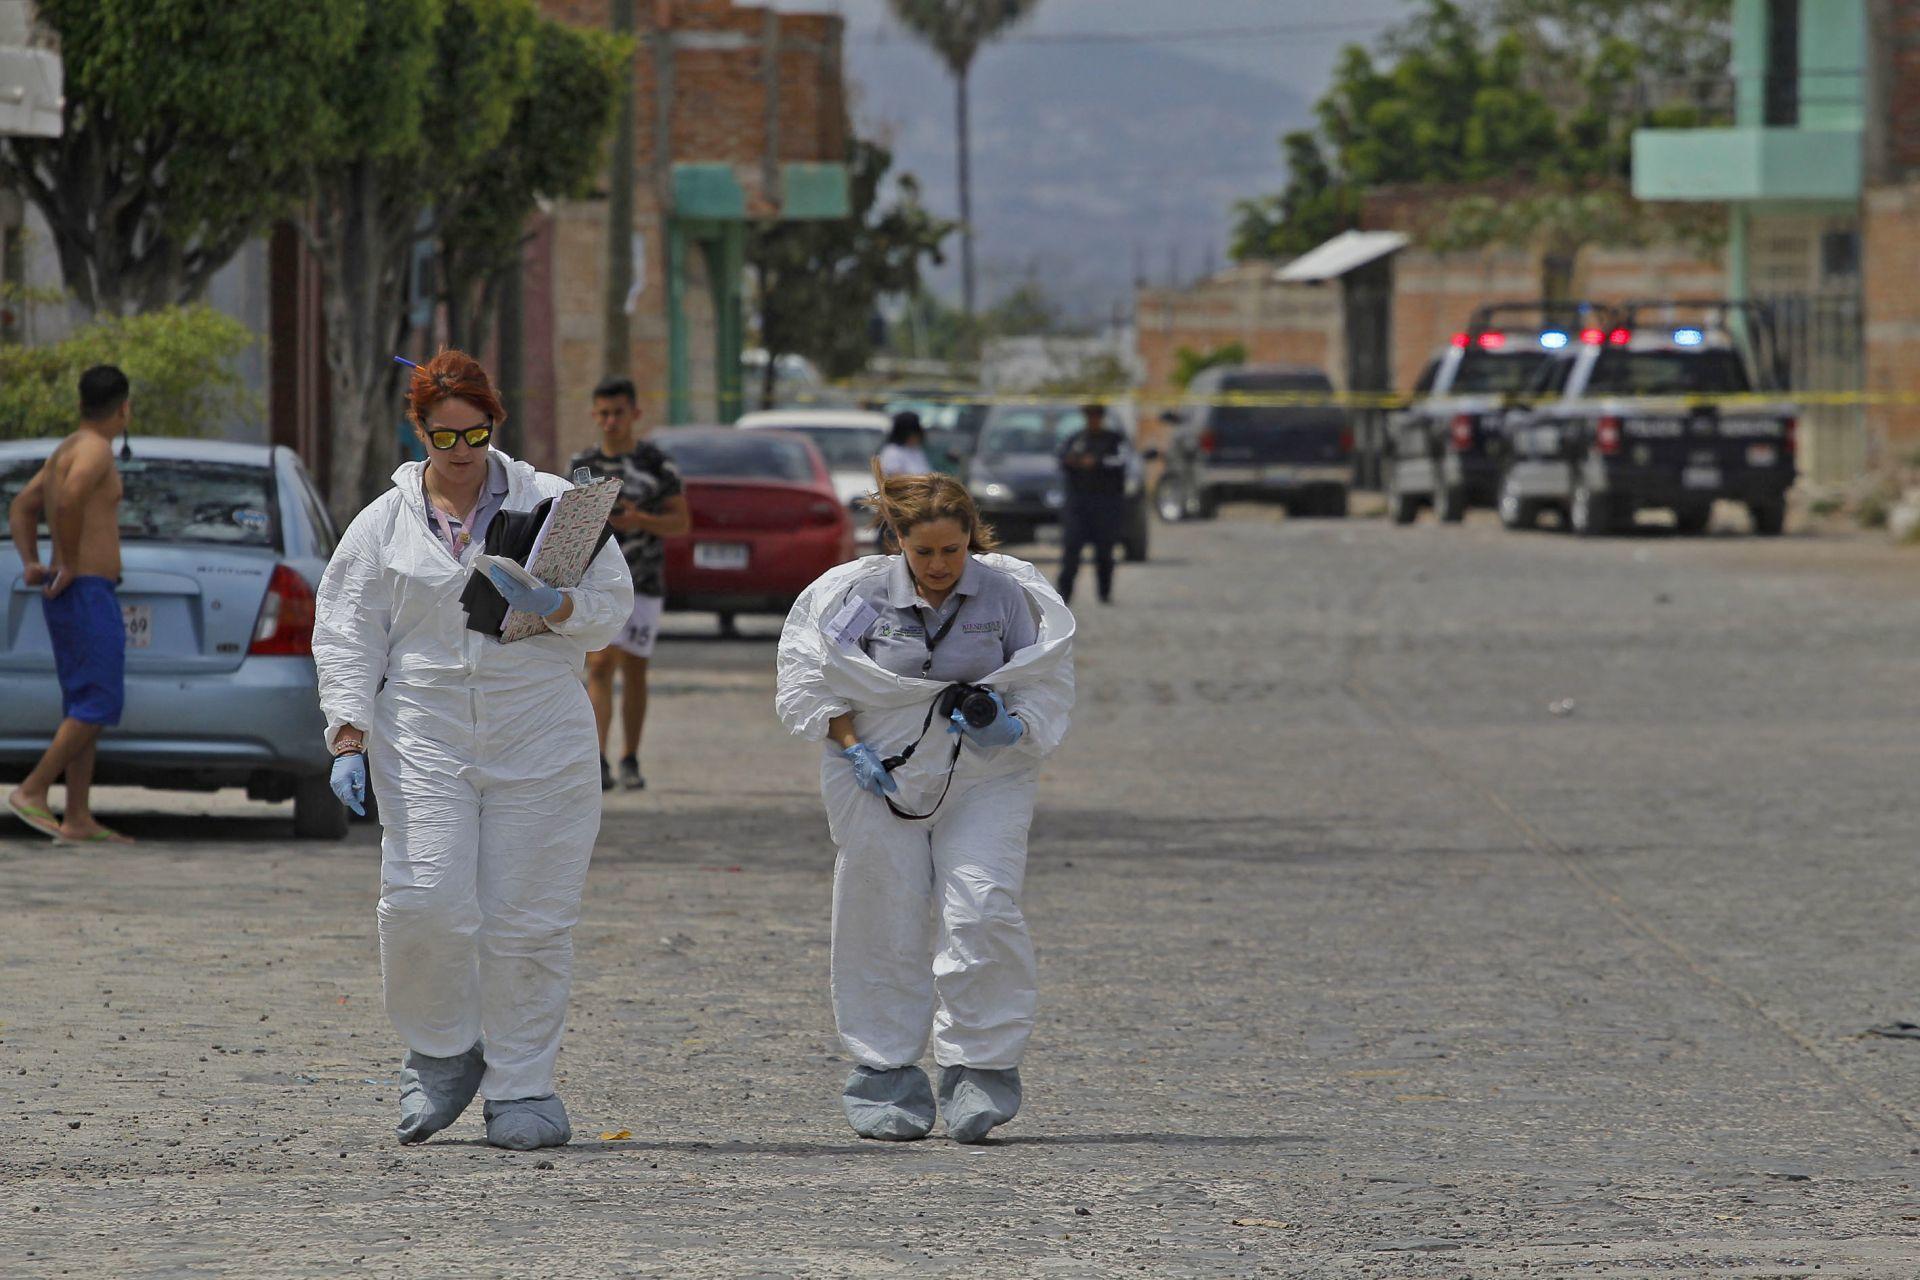 TLAQUEPAQUE, JALISCO, 06MARZO2020.- Un saldo de 9 personas muertas dejo el enfrentamiento entre personal de la Fiscalía General del Estado (FGE) y civiles armados que tenían privadas de la libertad a varias personas, los hechos se suscitaron en la calle Papaya casi esquina con la calle Guayaba en la colonia las Huertas, entre los fallecidos se encuentran un agente del ministerio publico y un coordinador ambos de la unidad de Investigación y Robo de Vehículos de la Fiscalía así como un civil que no pudo salir del fuego cruzado, las 6 personas restantes son los presunto delincuentes.